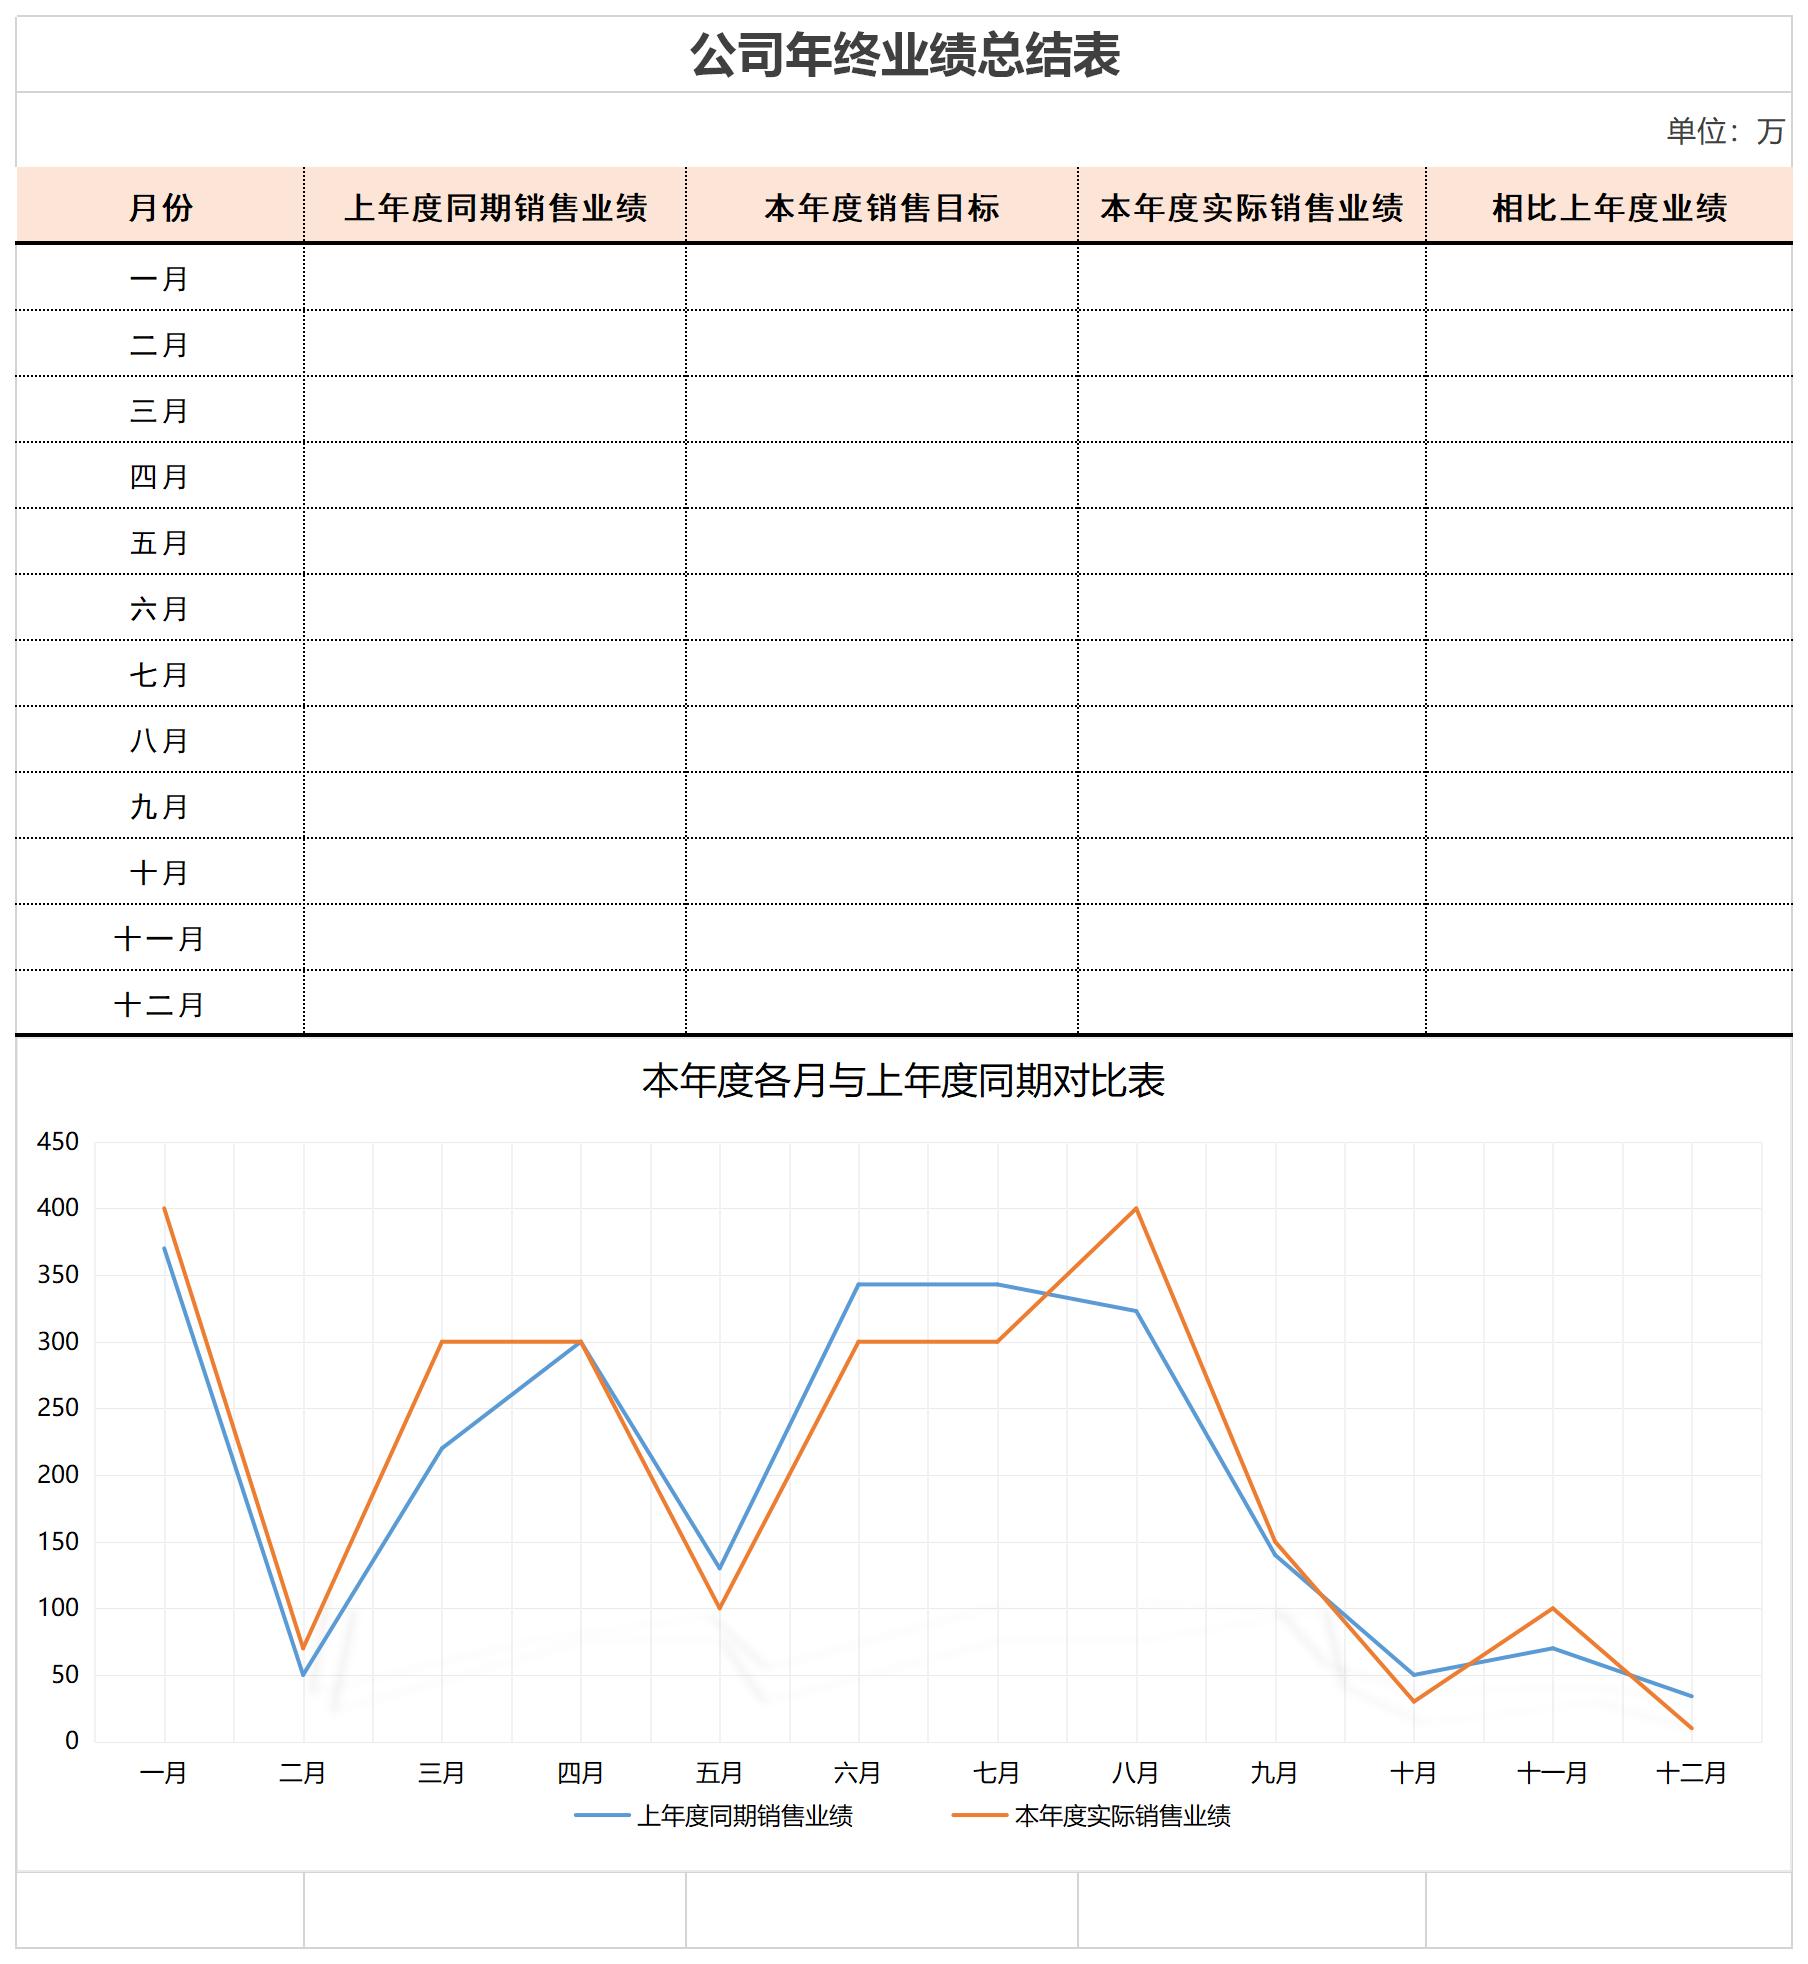 公司年终业绩总结表截图